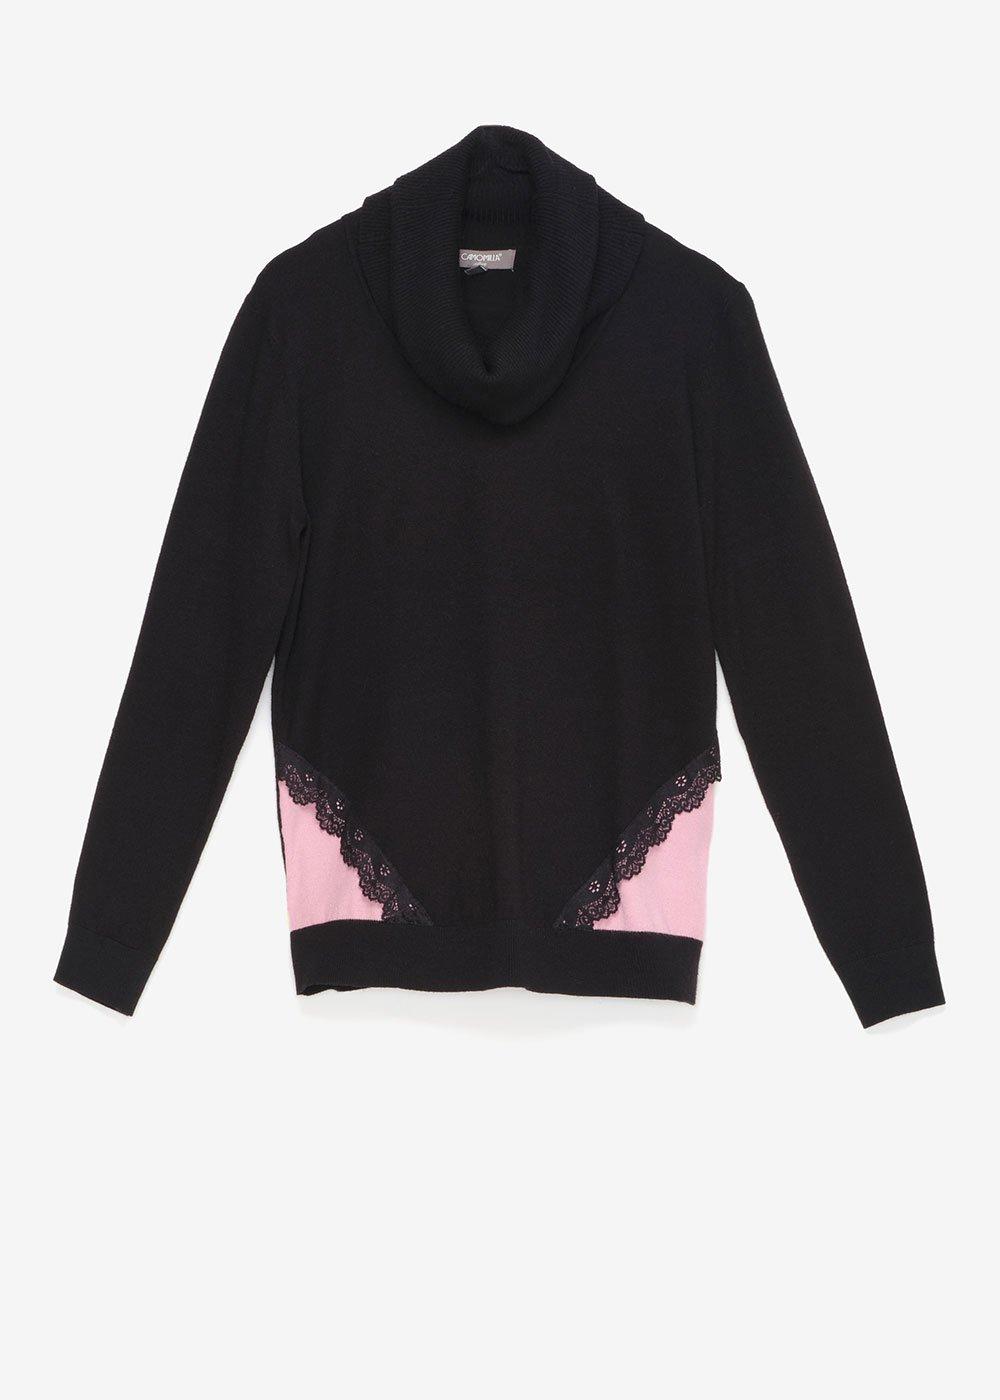 Macy two-tone sweater - Black / Nude - Woman